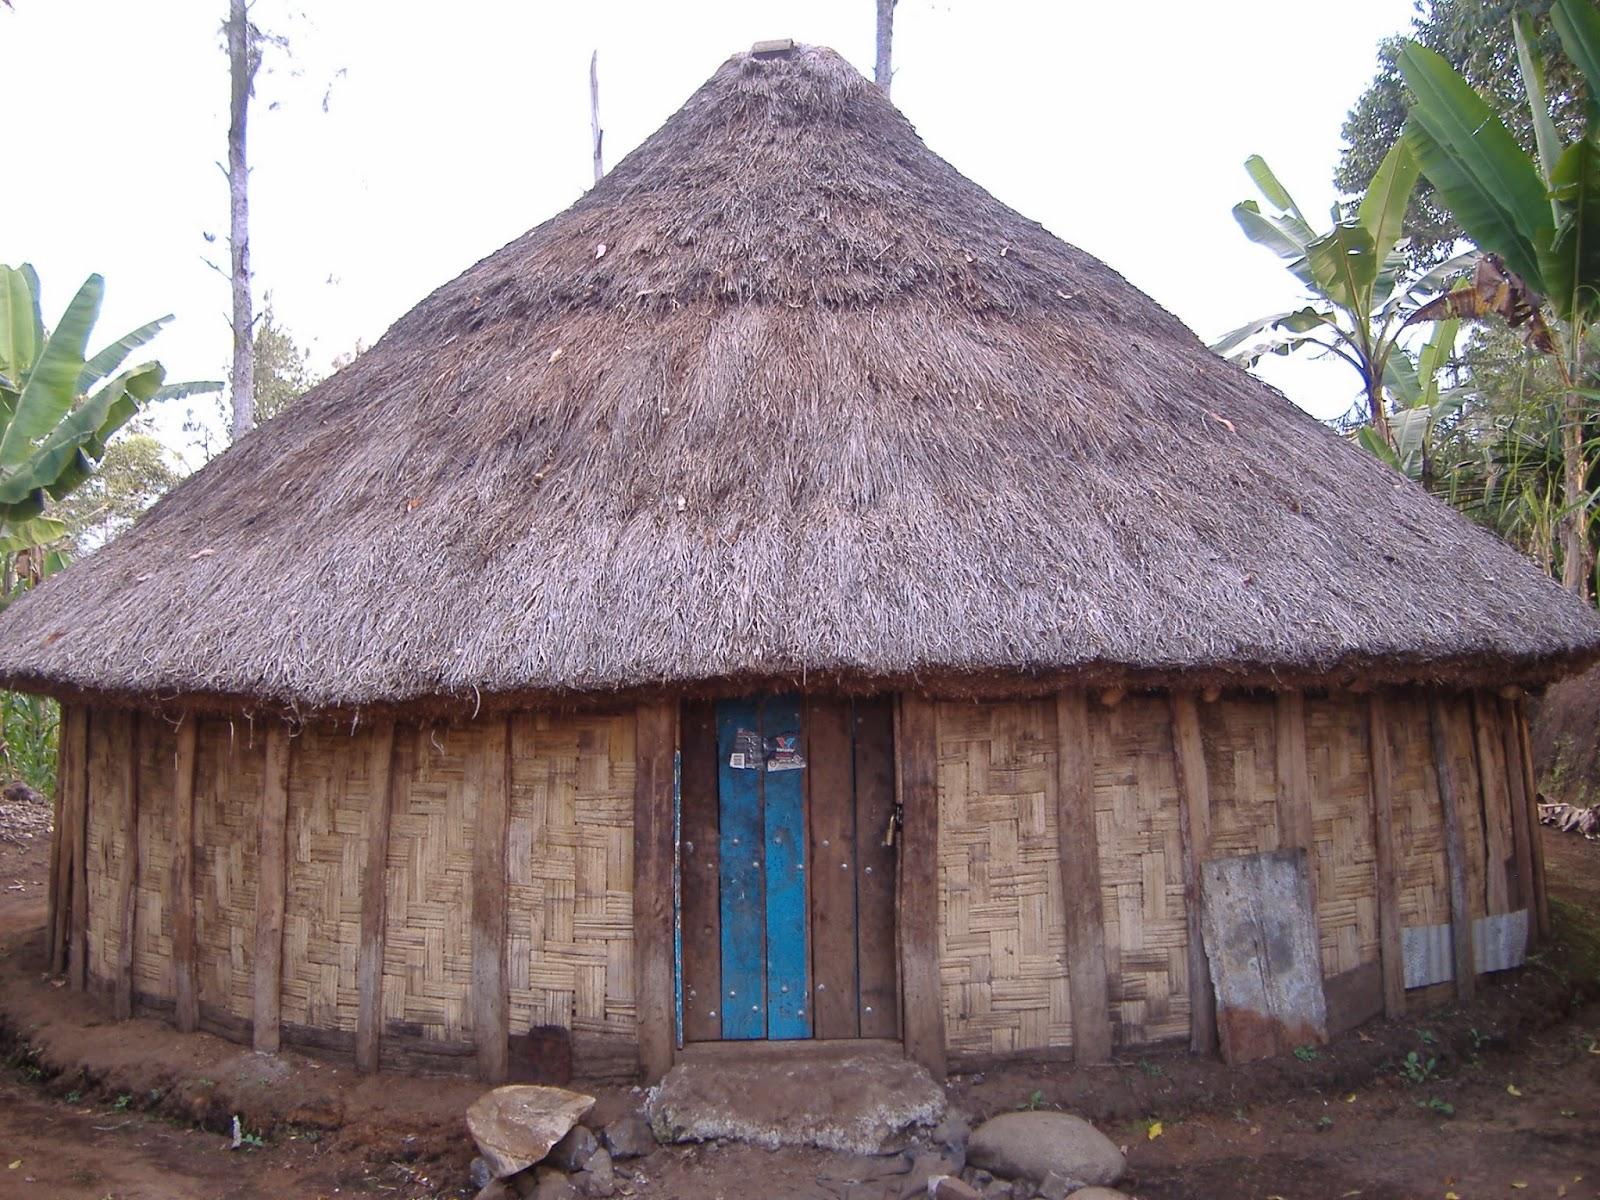 Koleksi Gambar Sketsa Rumah Adat Papua